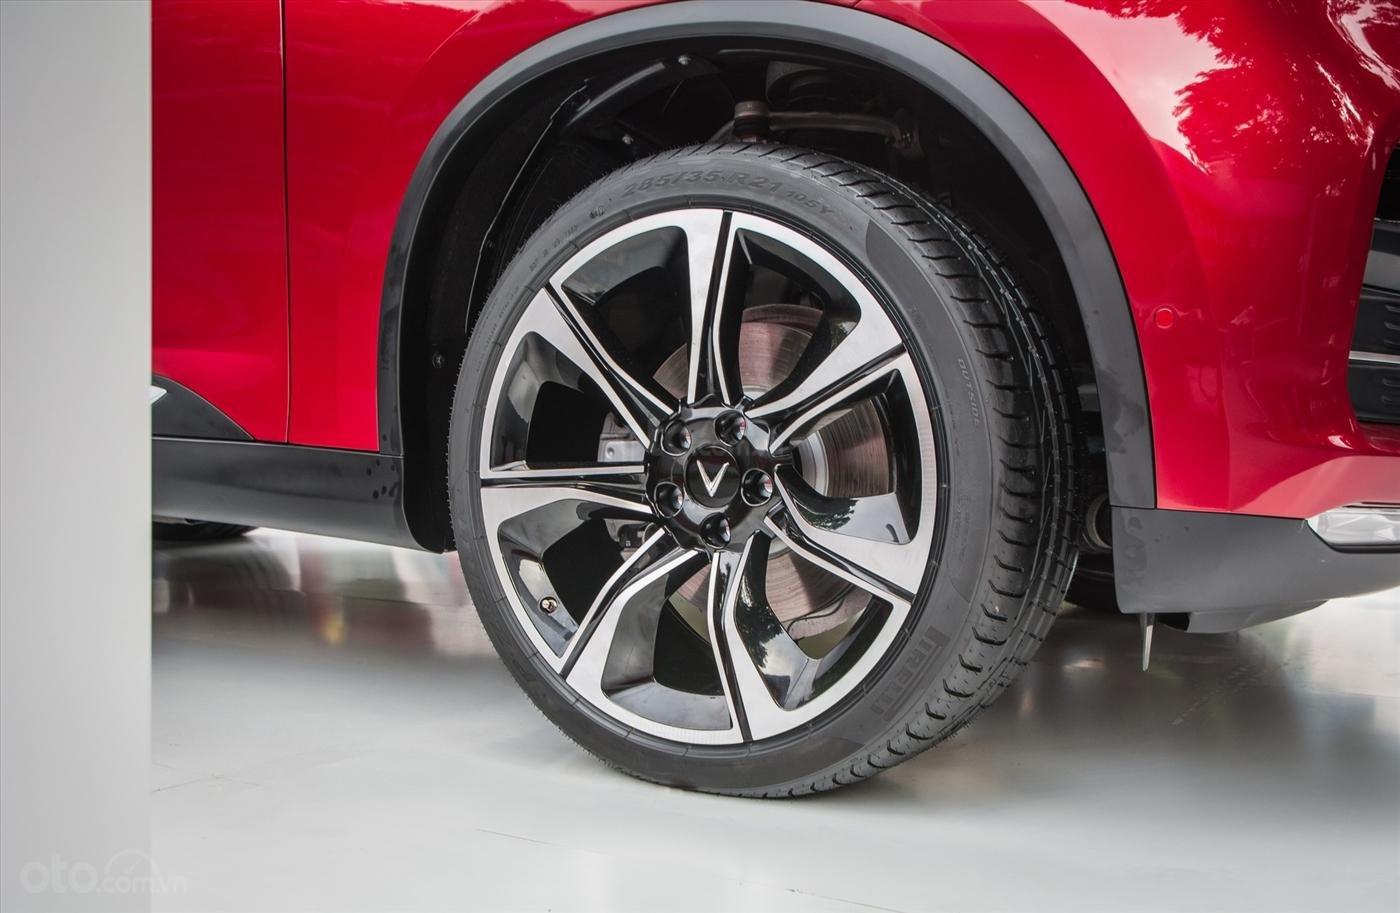 Nhượng lại VinFast LUX SA2.0 D Premium Full Option đời 2019, màu đỏ giá 50 triệu liên hệ Mr Tâm 0946167629 (3)